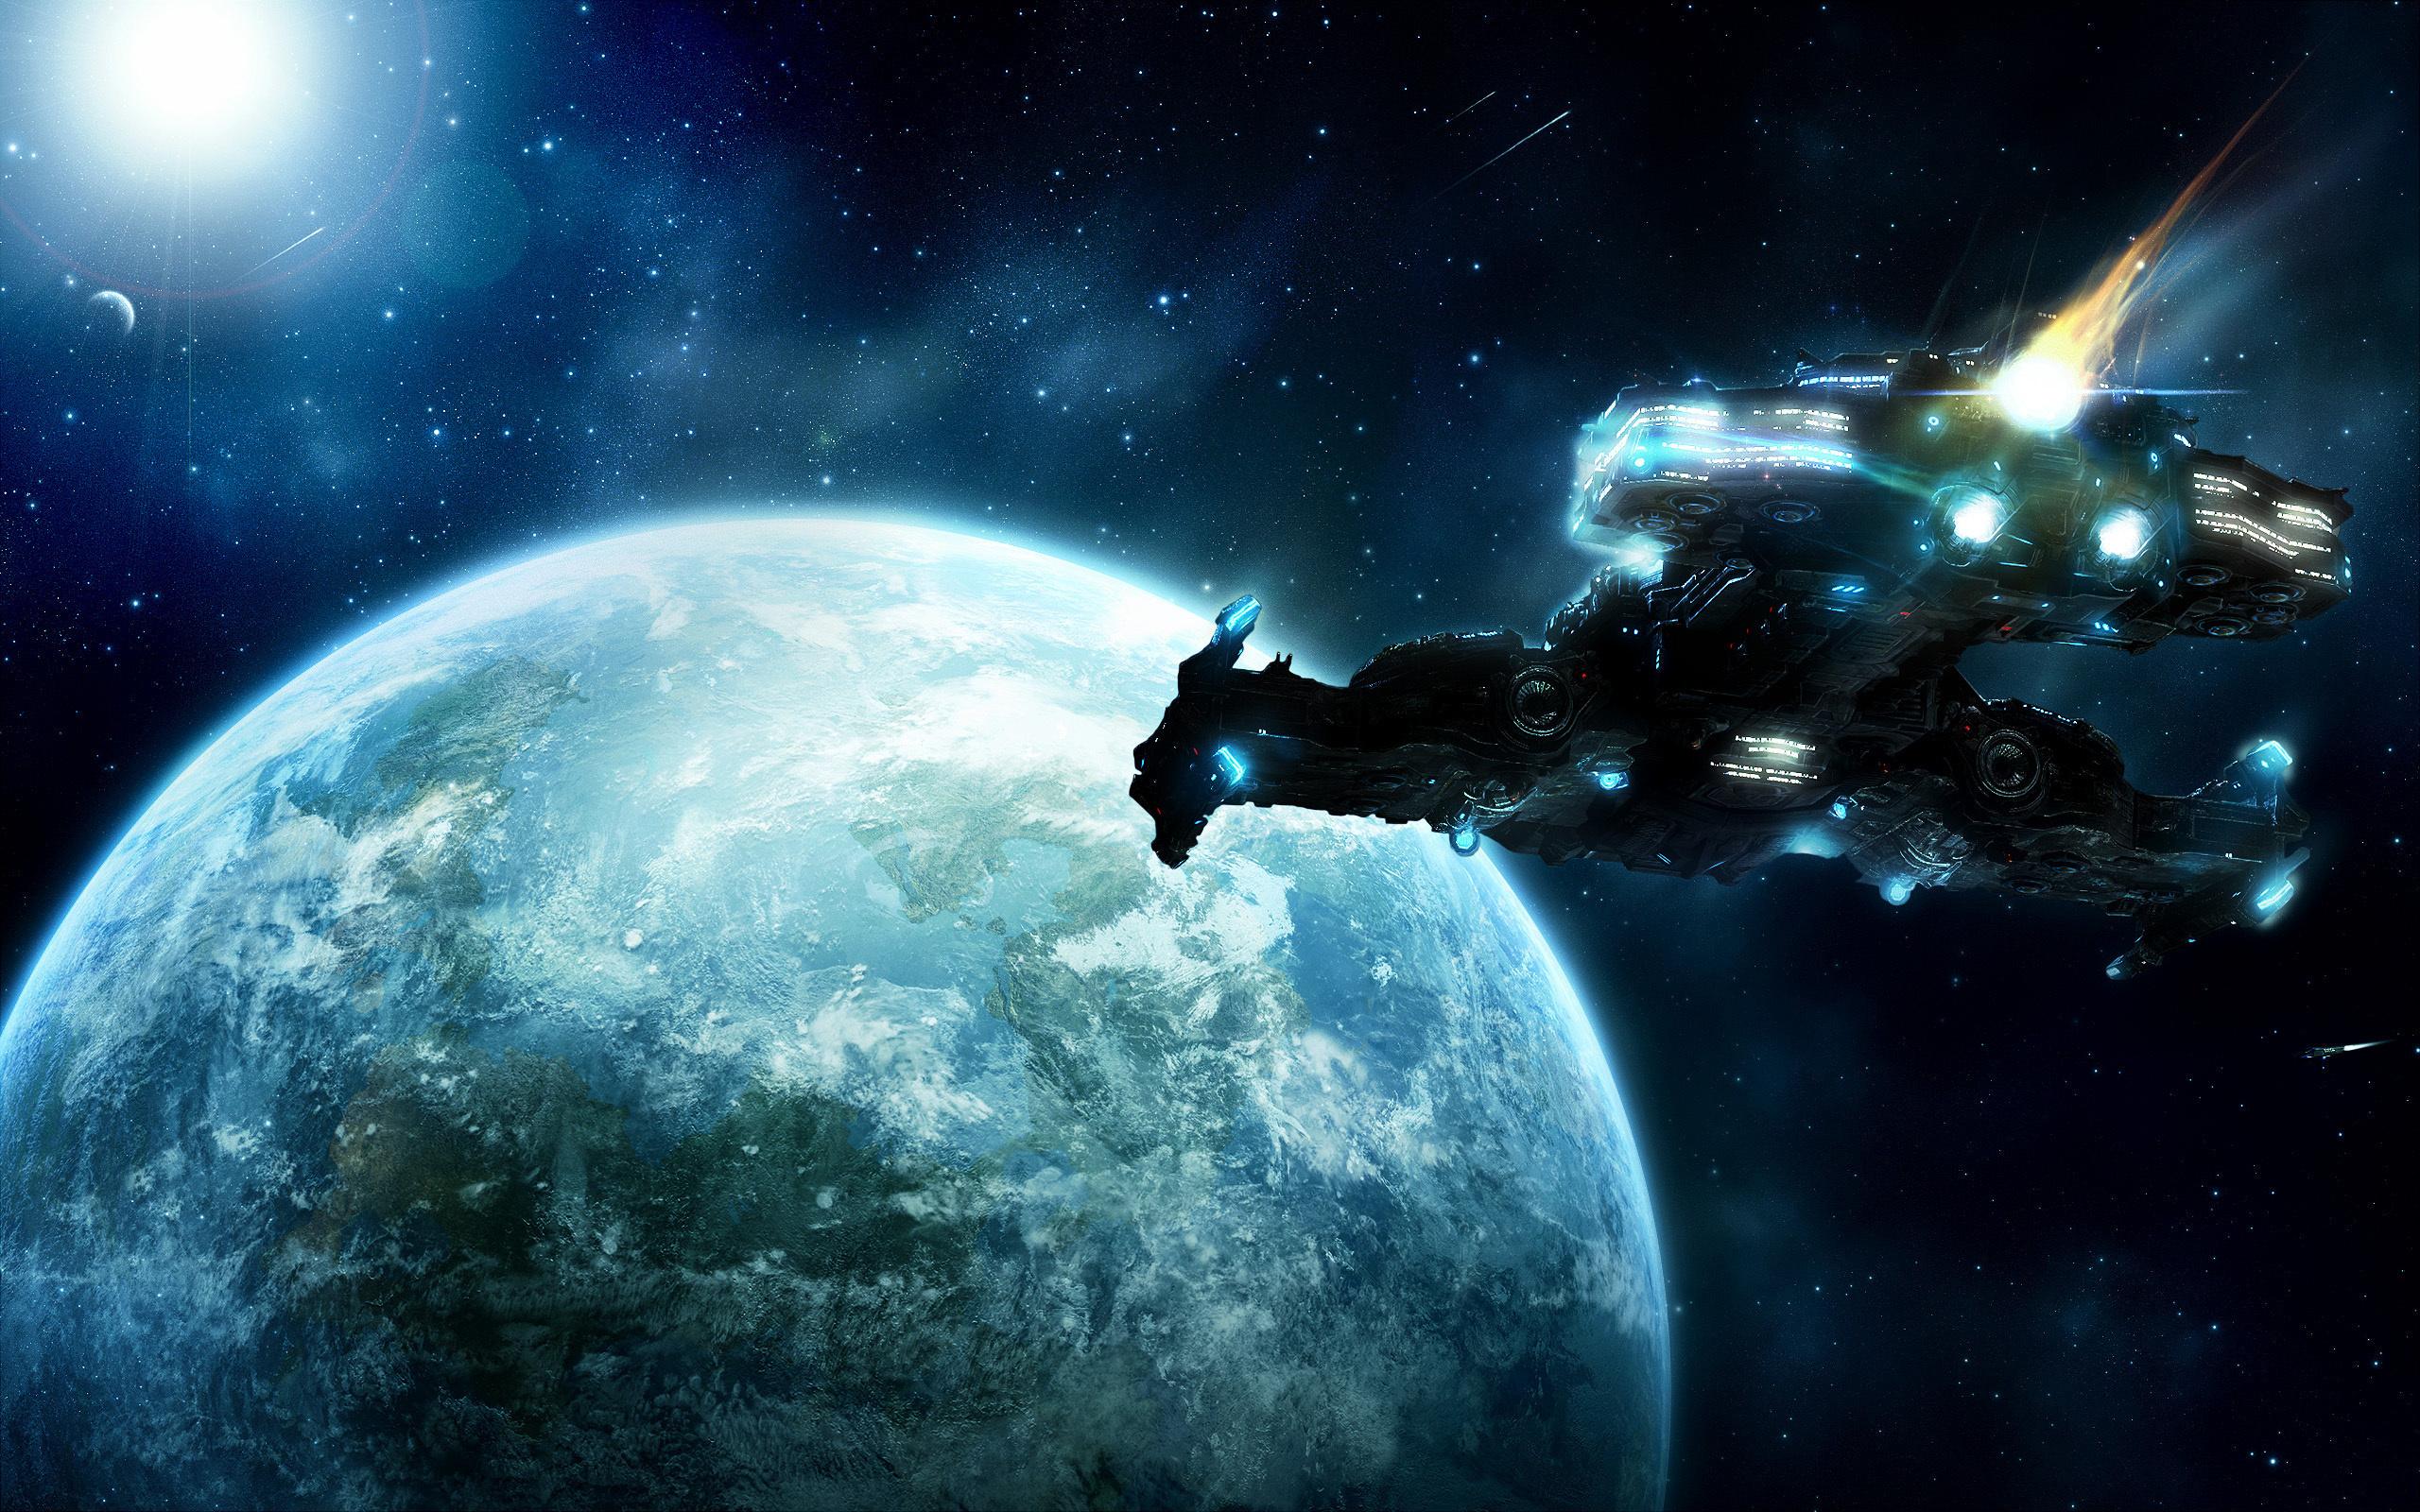 картинки планета игр мальчик думал, что